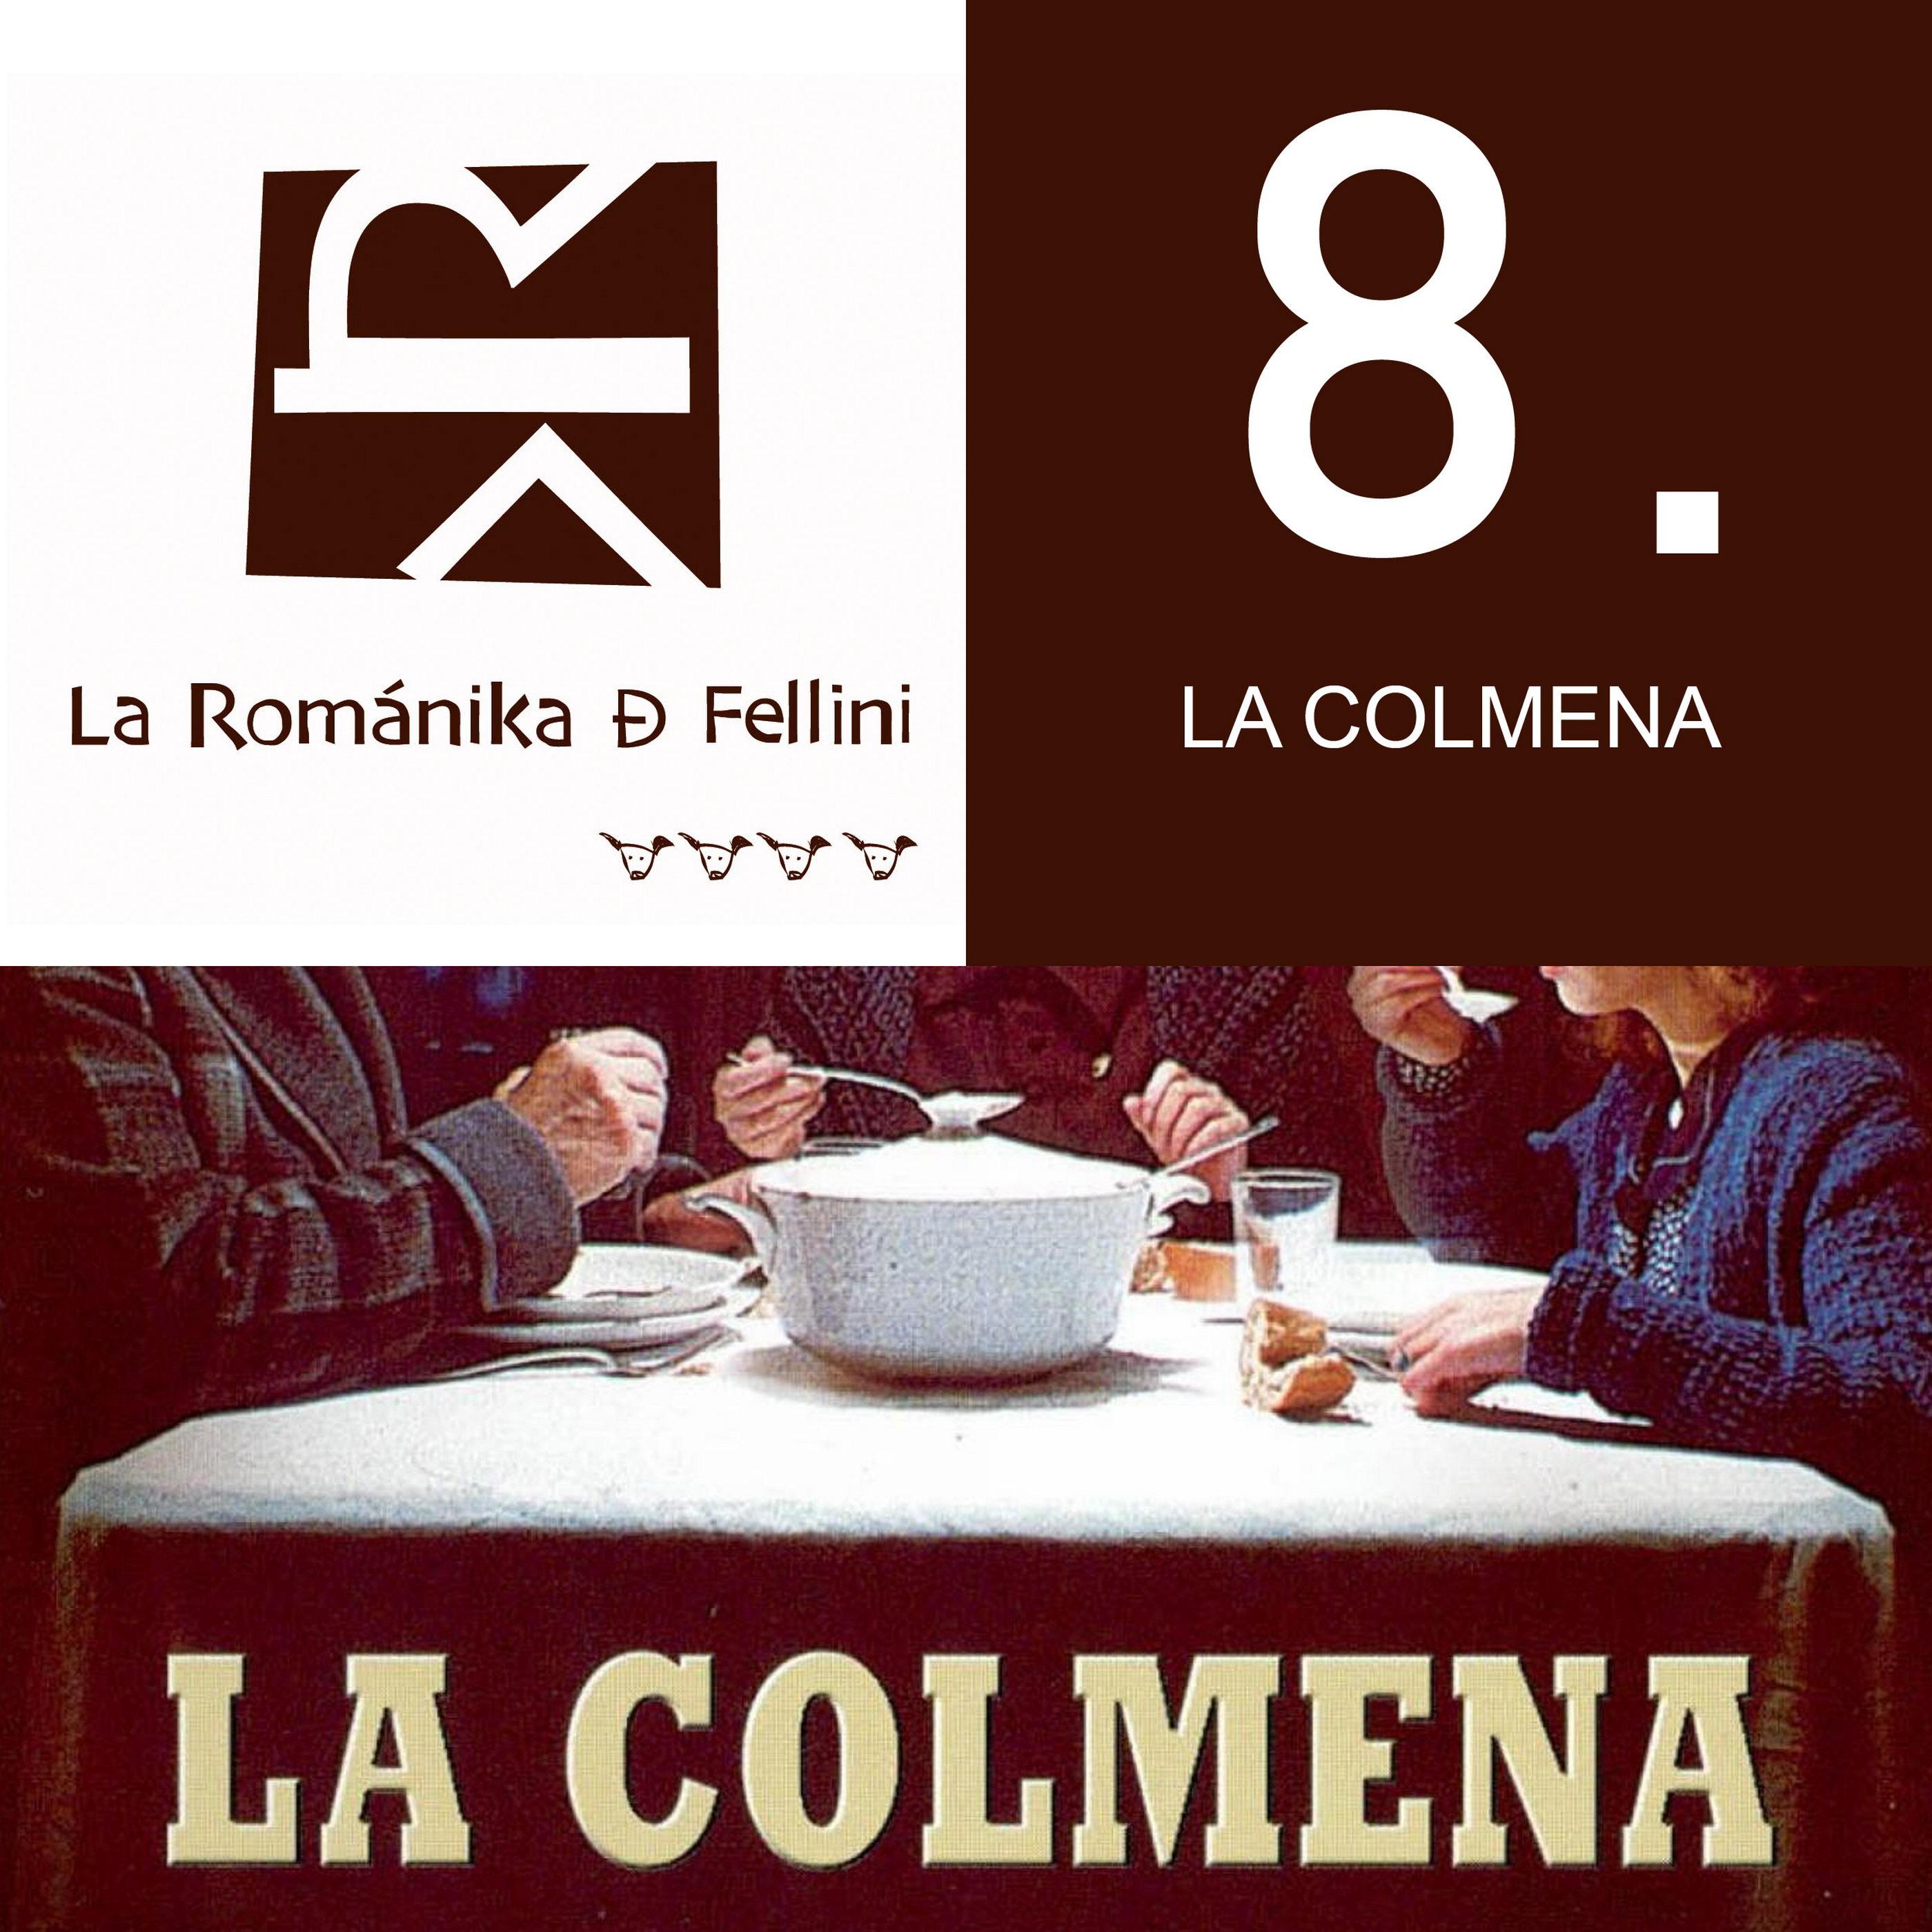 APARTAMENTO8-LACOLMENA-LaRomanikadeFellini-01